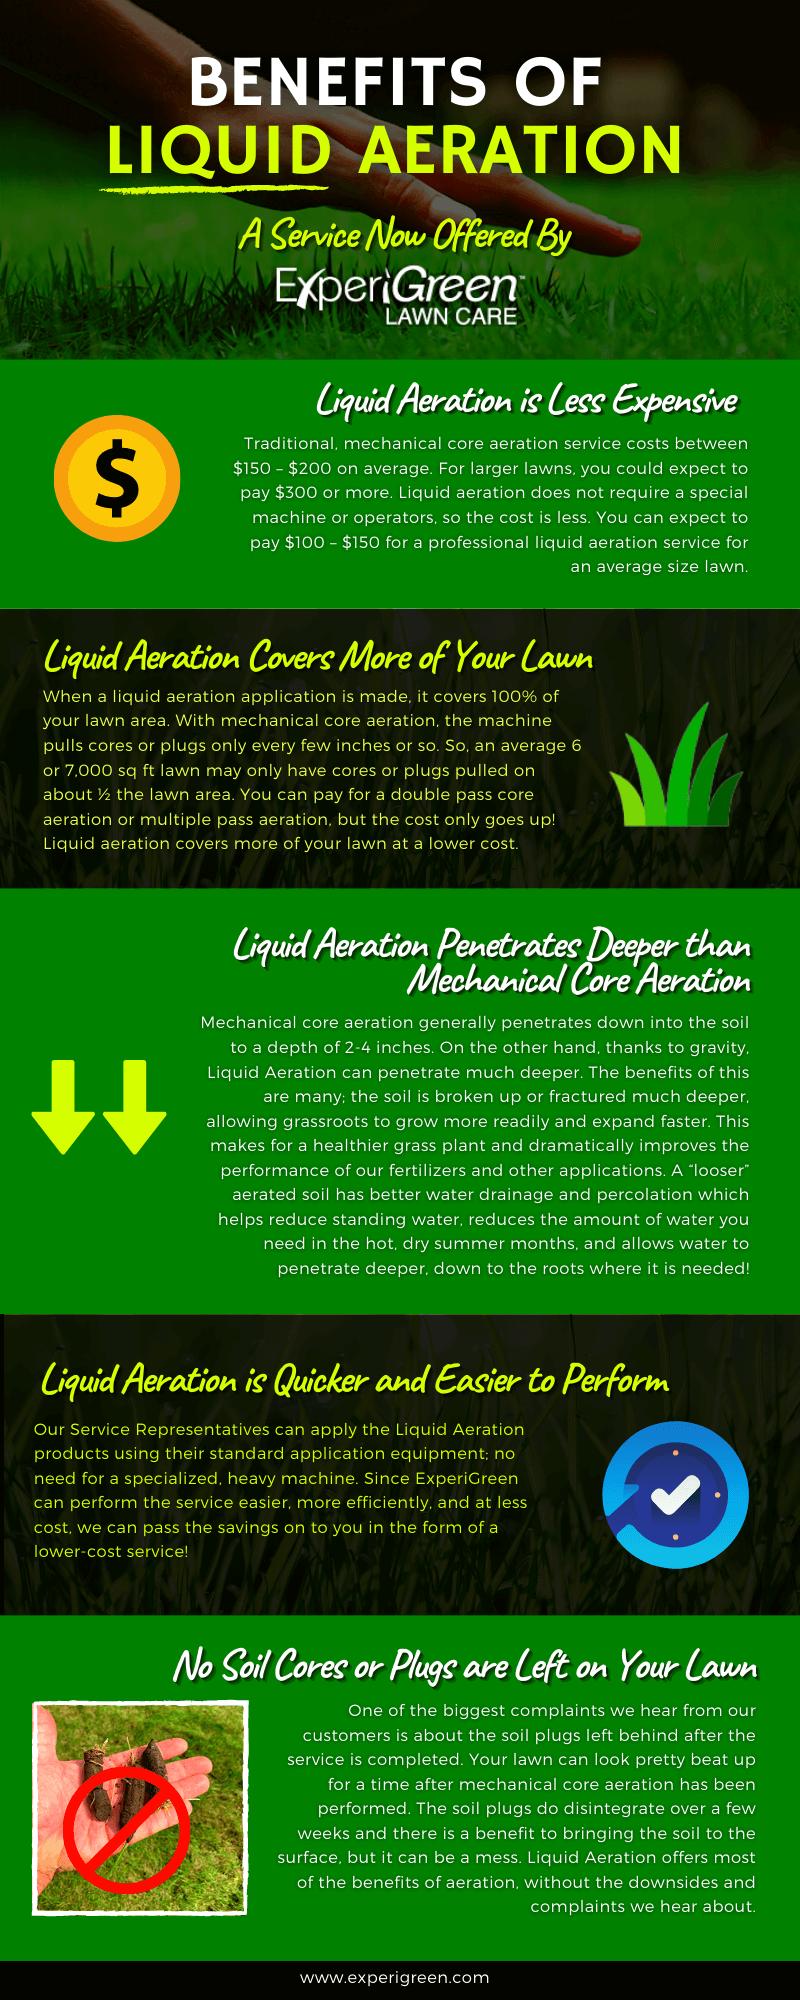 ExperiGreen Liquid Aeration Infographic